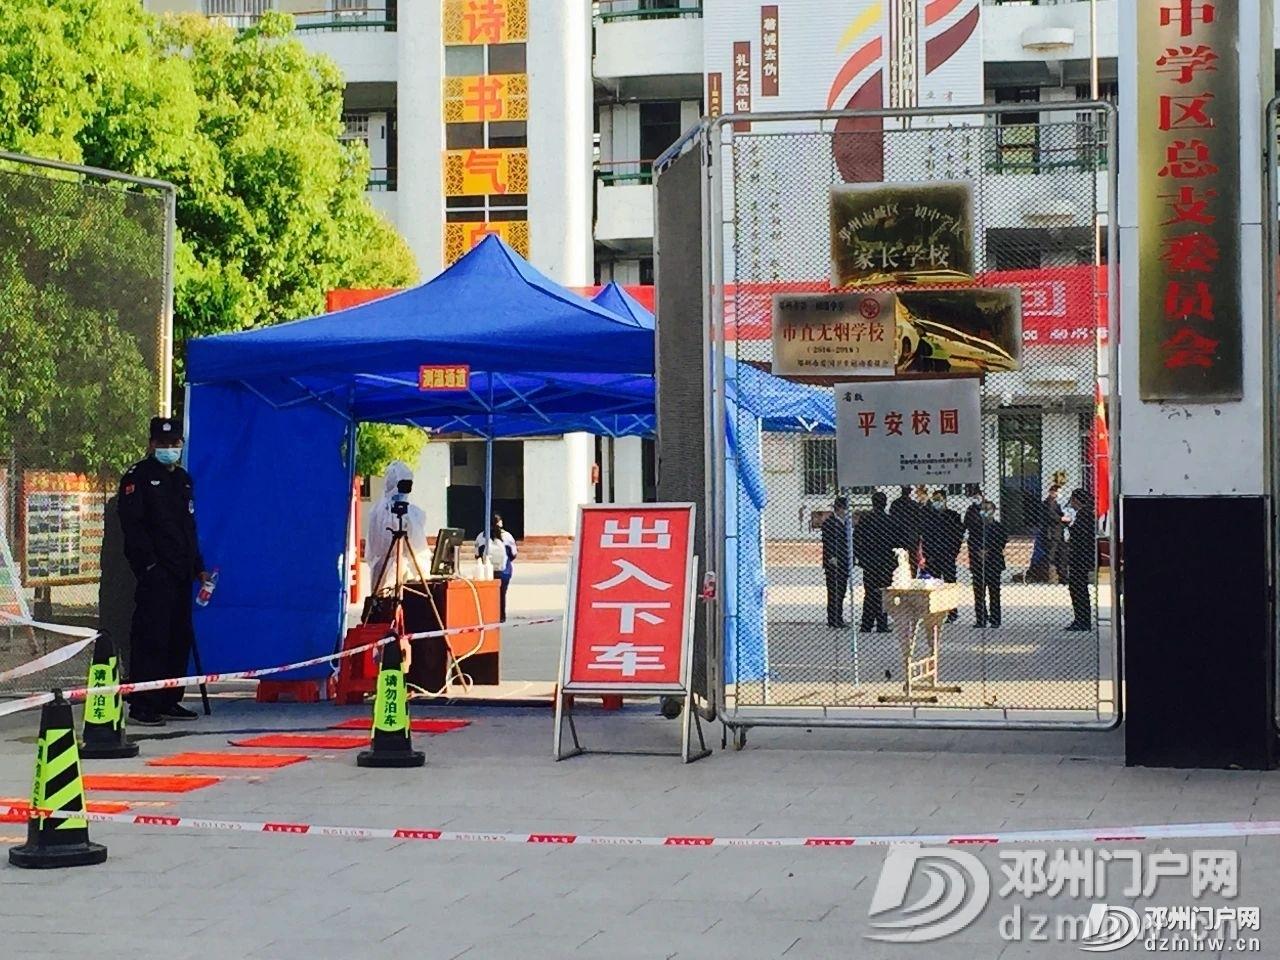 最新!邓州城区一初中发布七、八年级返校须知 - 邓州门户网 邓州网 - 23fbb447c141143071e6c118495e4303.jpg